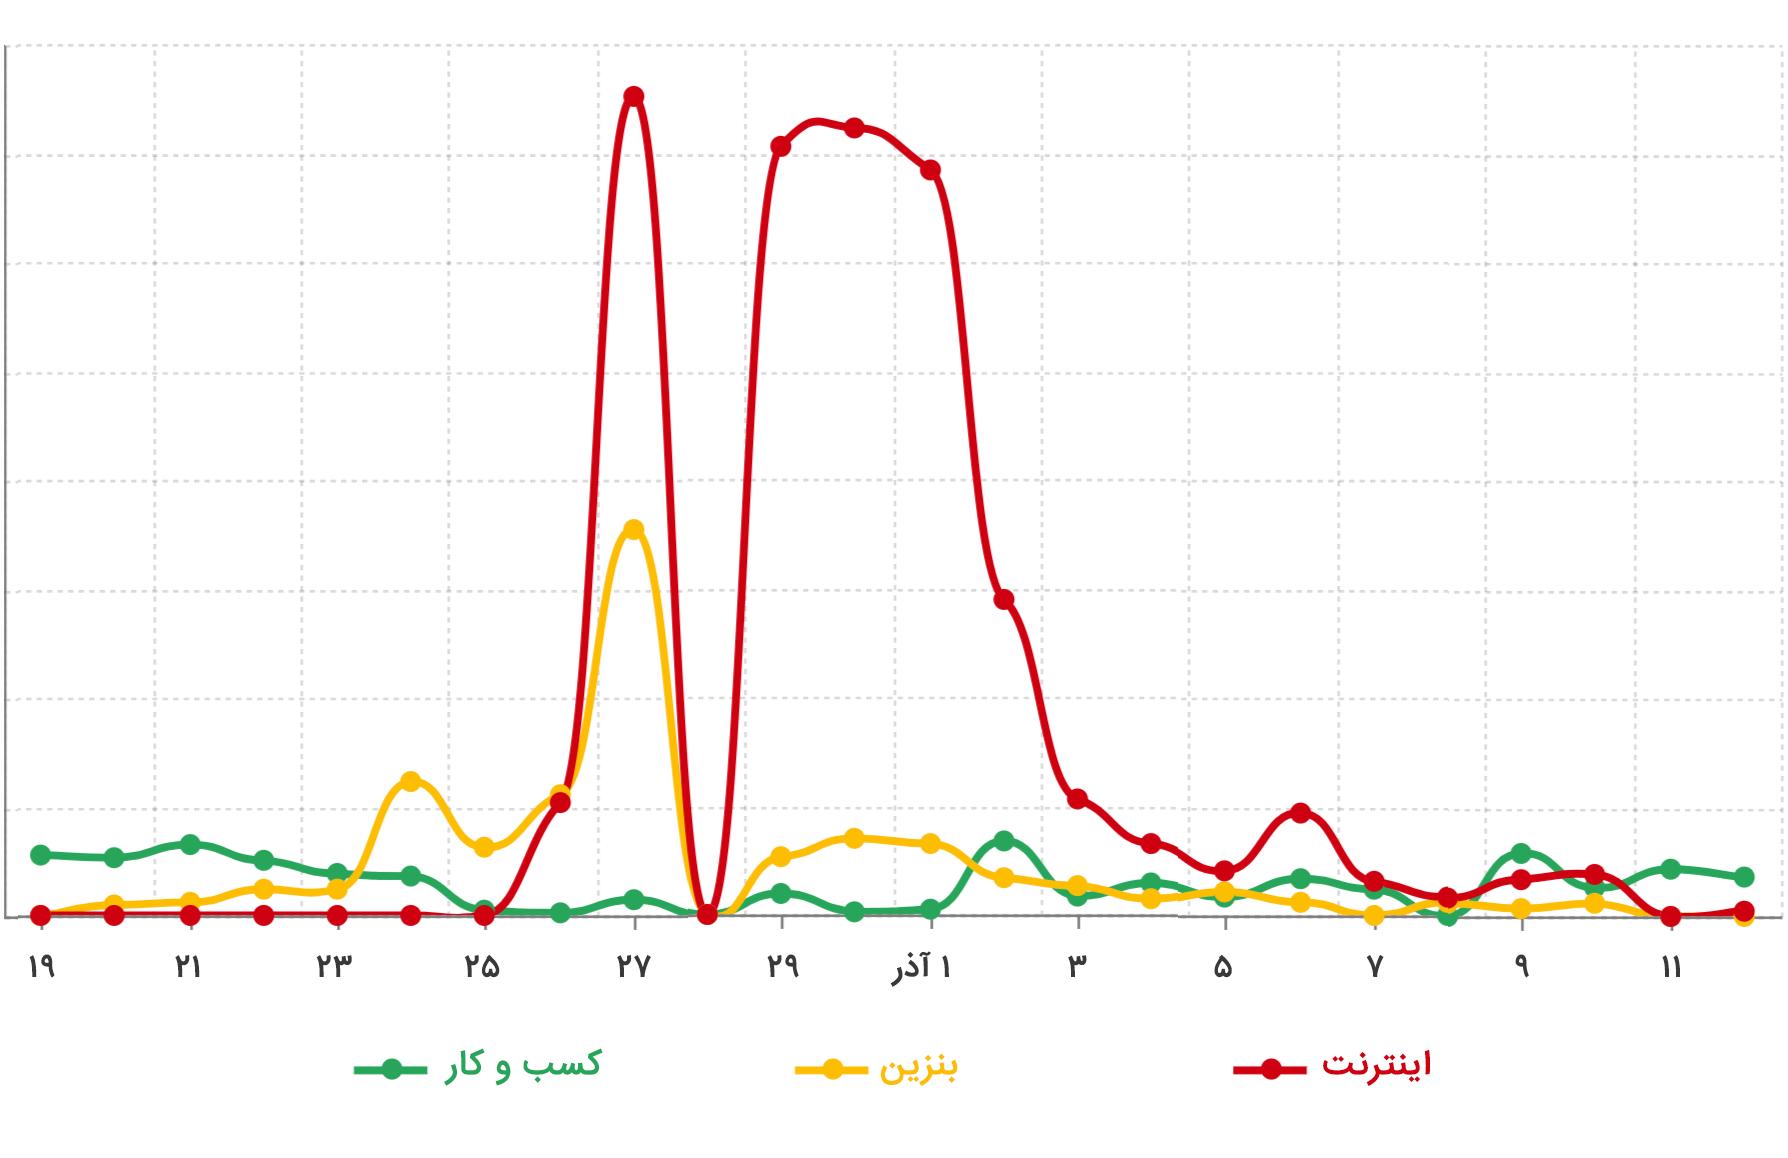 تکرار نمودار تعاملات ویرگول در طول قطعی اینترنت